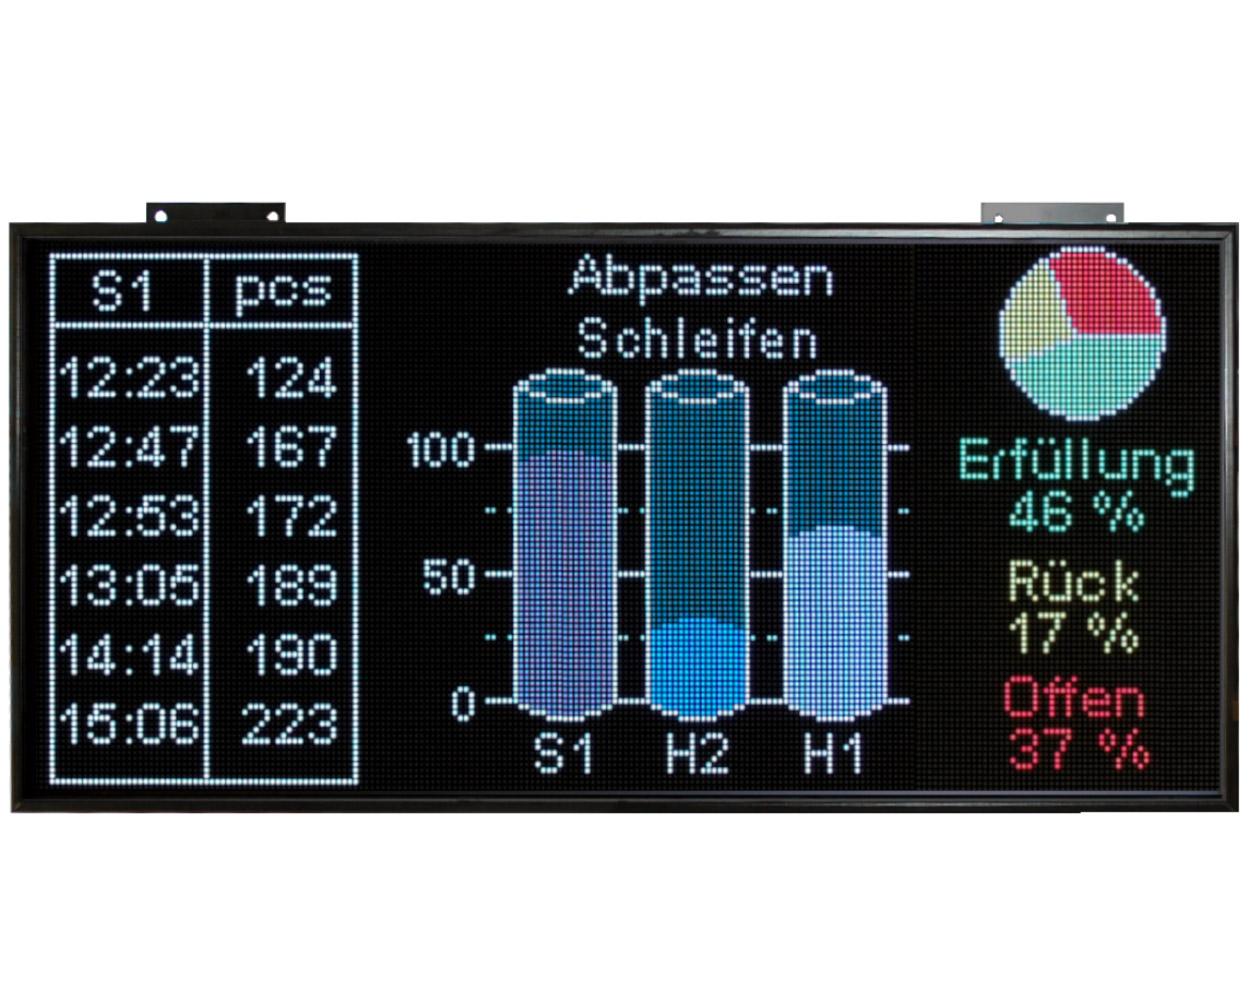 Grafikfähige LED-Anzeigen, RGB, Indoor/Outdoor, modular aufgebaut, unterschiedlichste Größen lieferbar